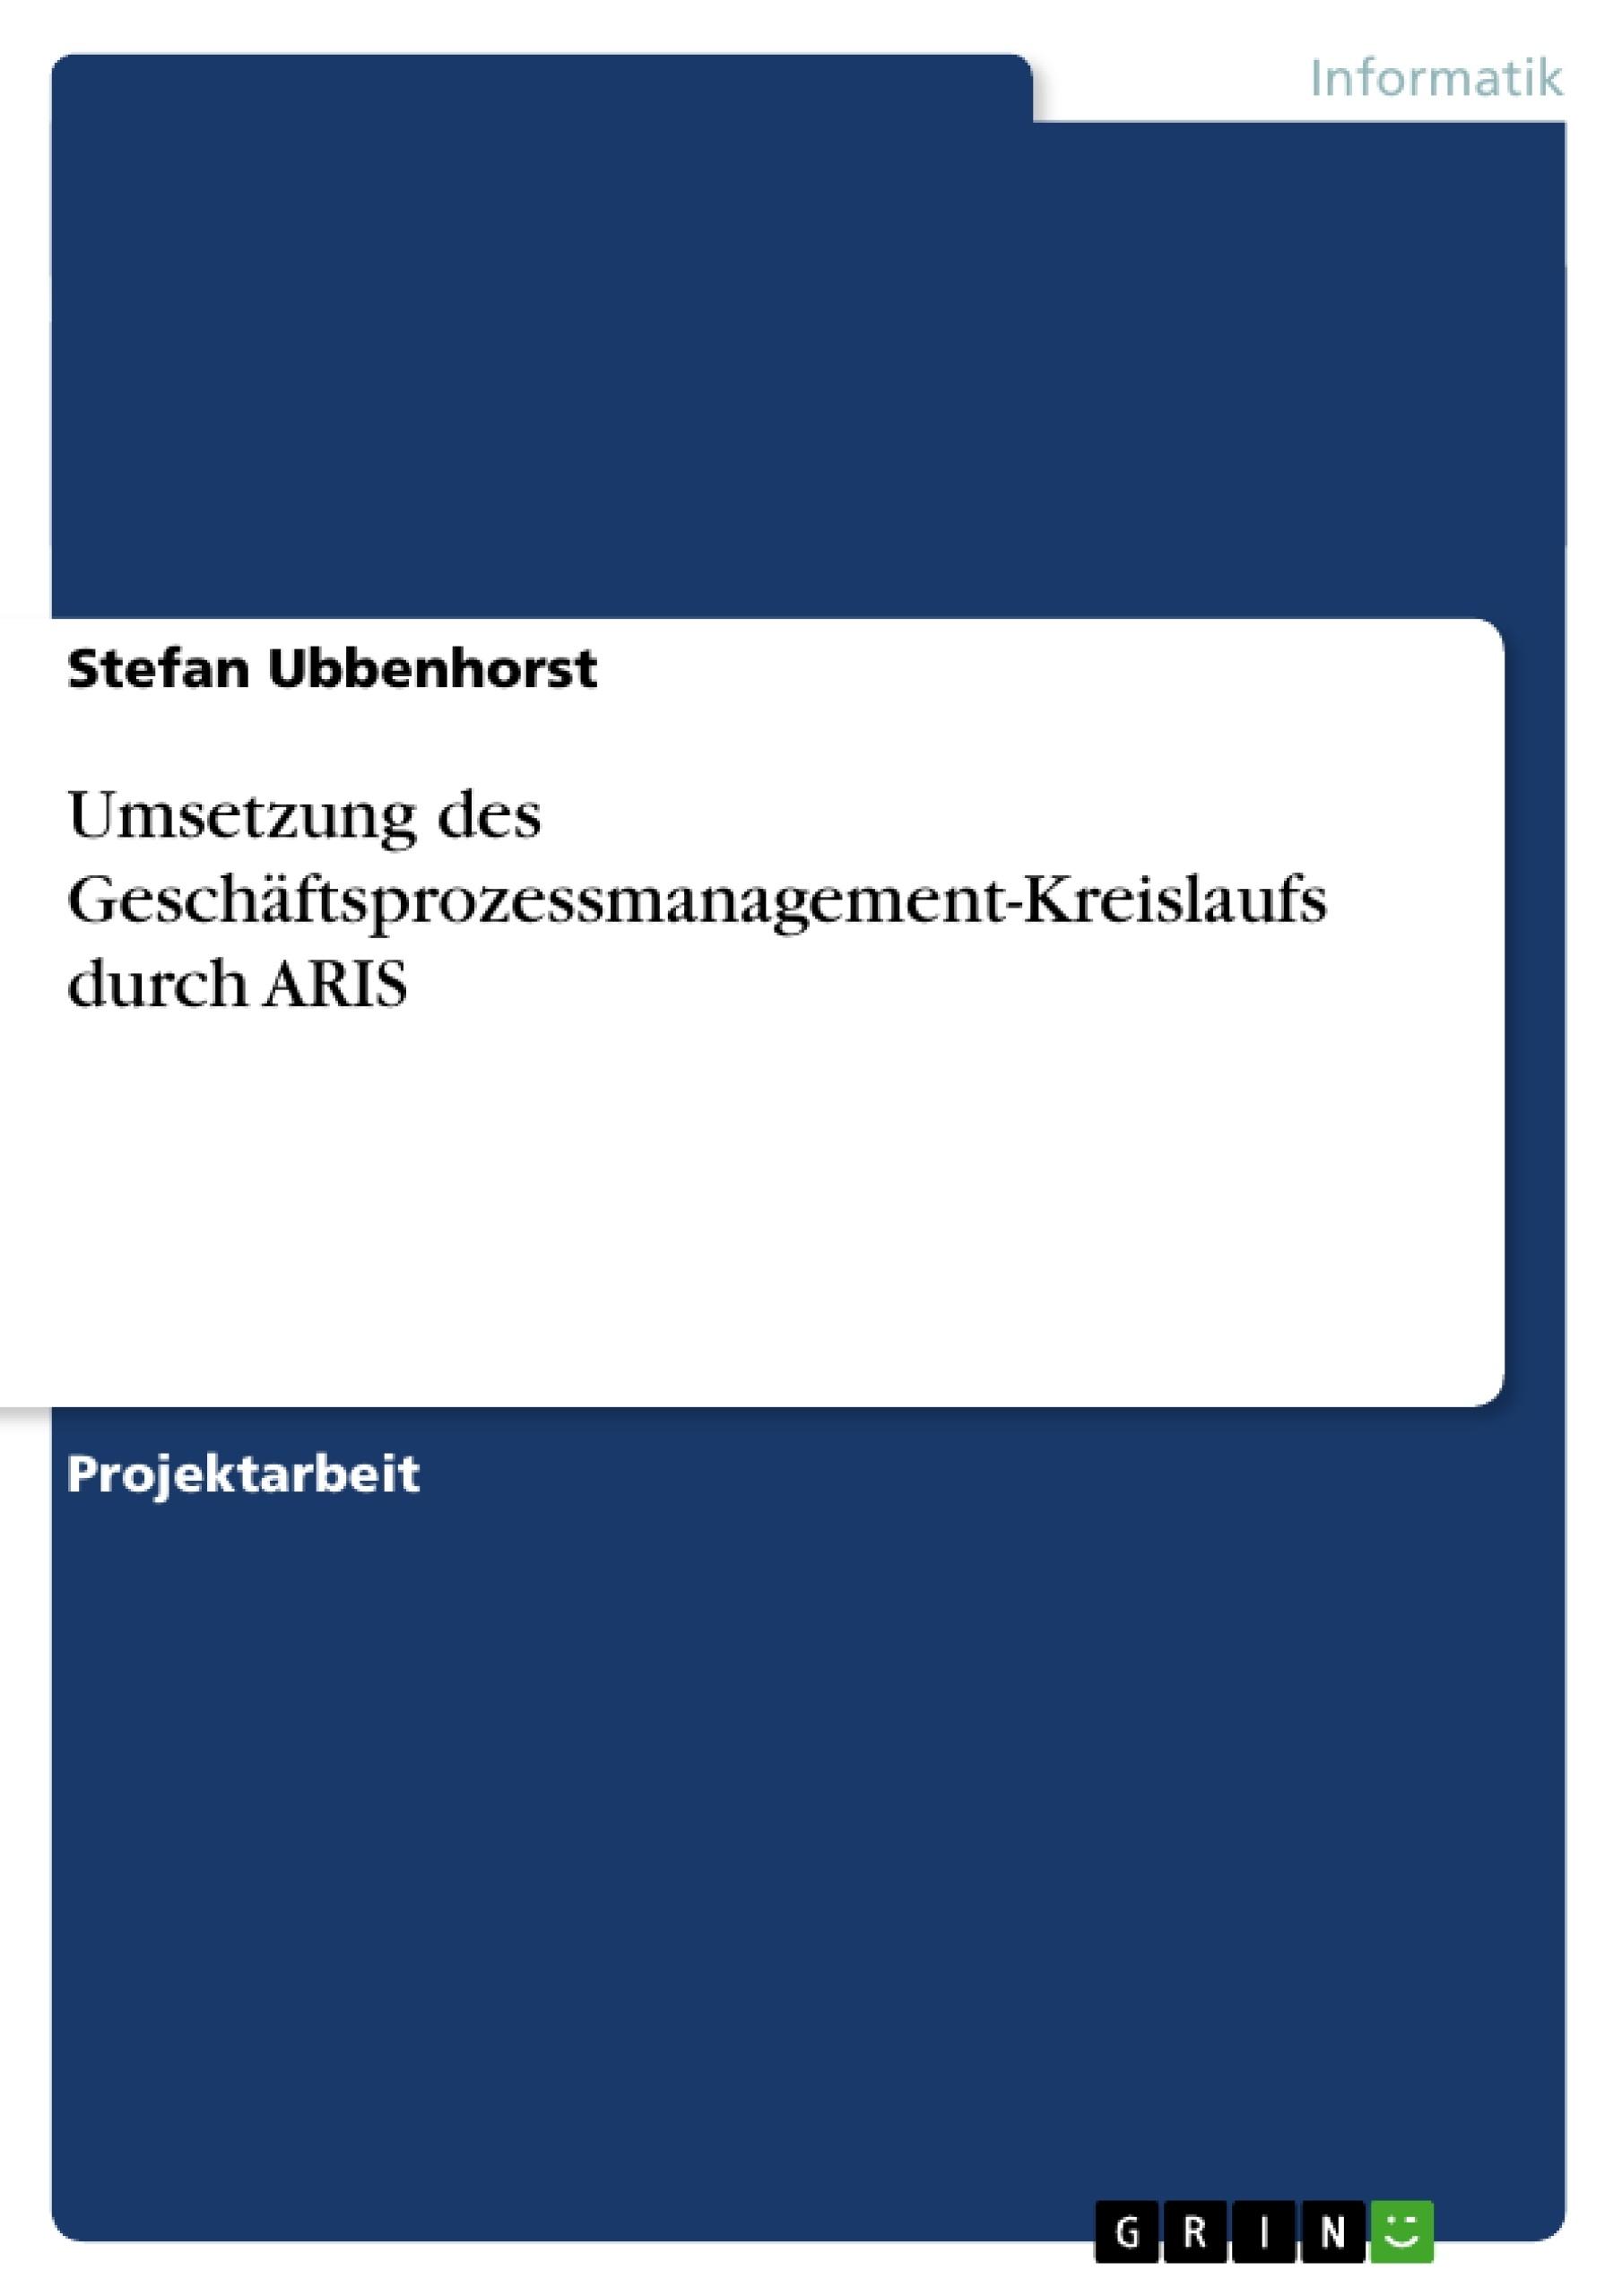 Titel: Umsetzung des Geschäftsprozessmanagement-Kreislaufs durch ARIS